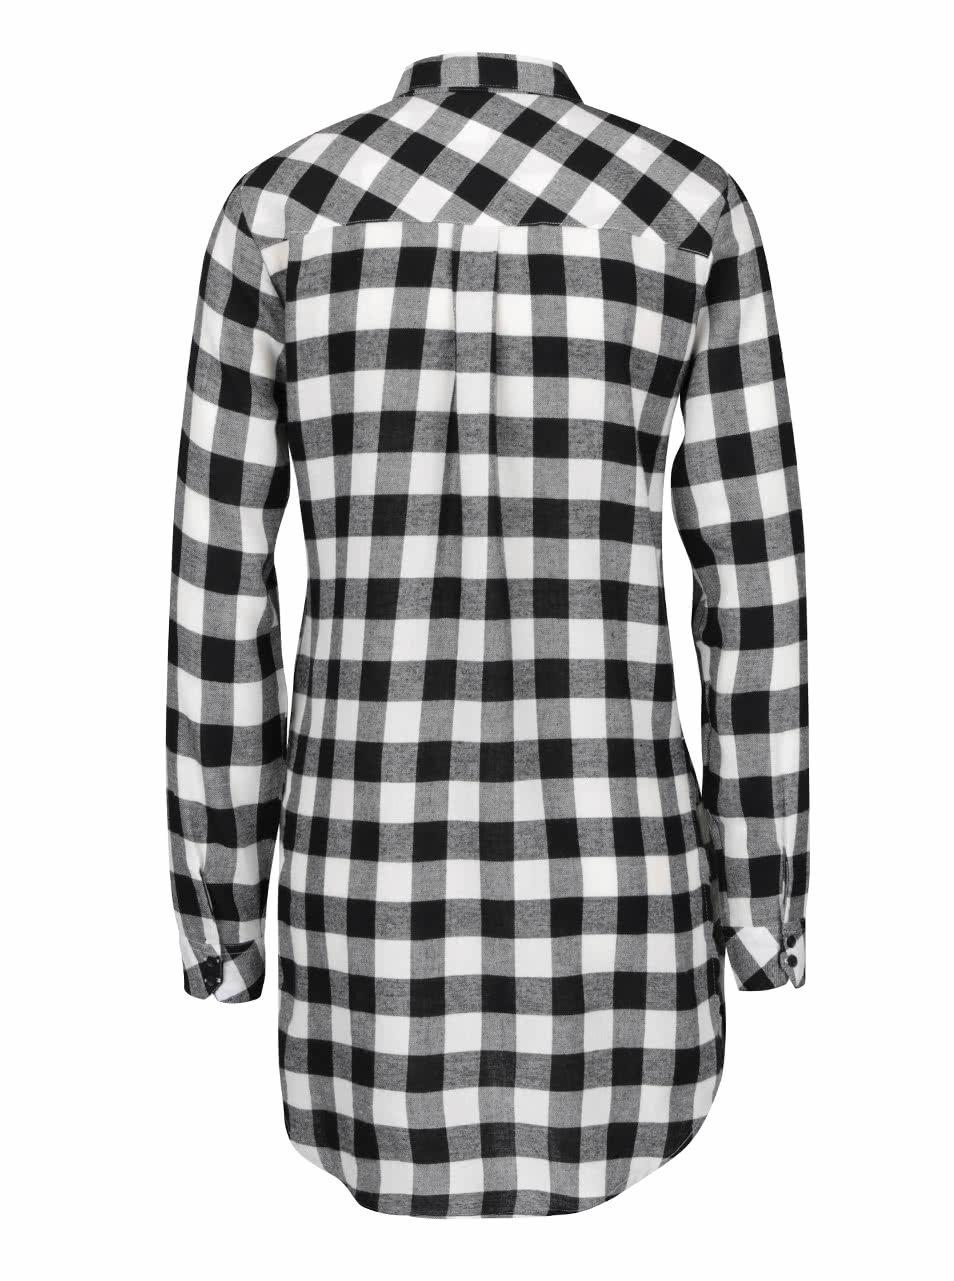 a46c654c6460 Čierno-biela dlhá kockovaná košeľa s nášivkou TALLY WEiJL ...